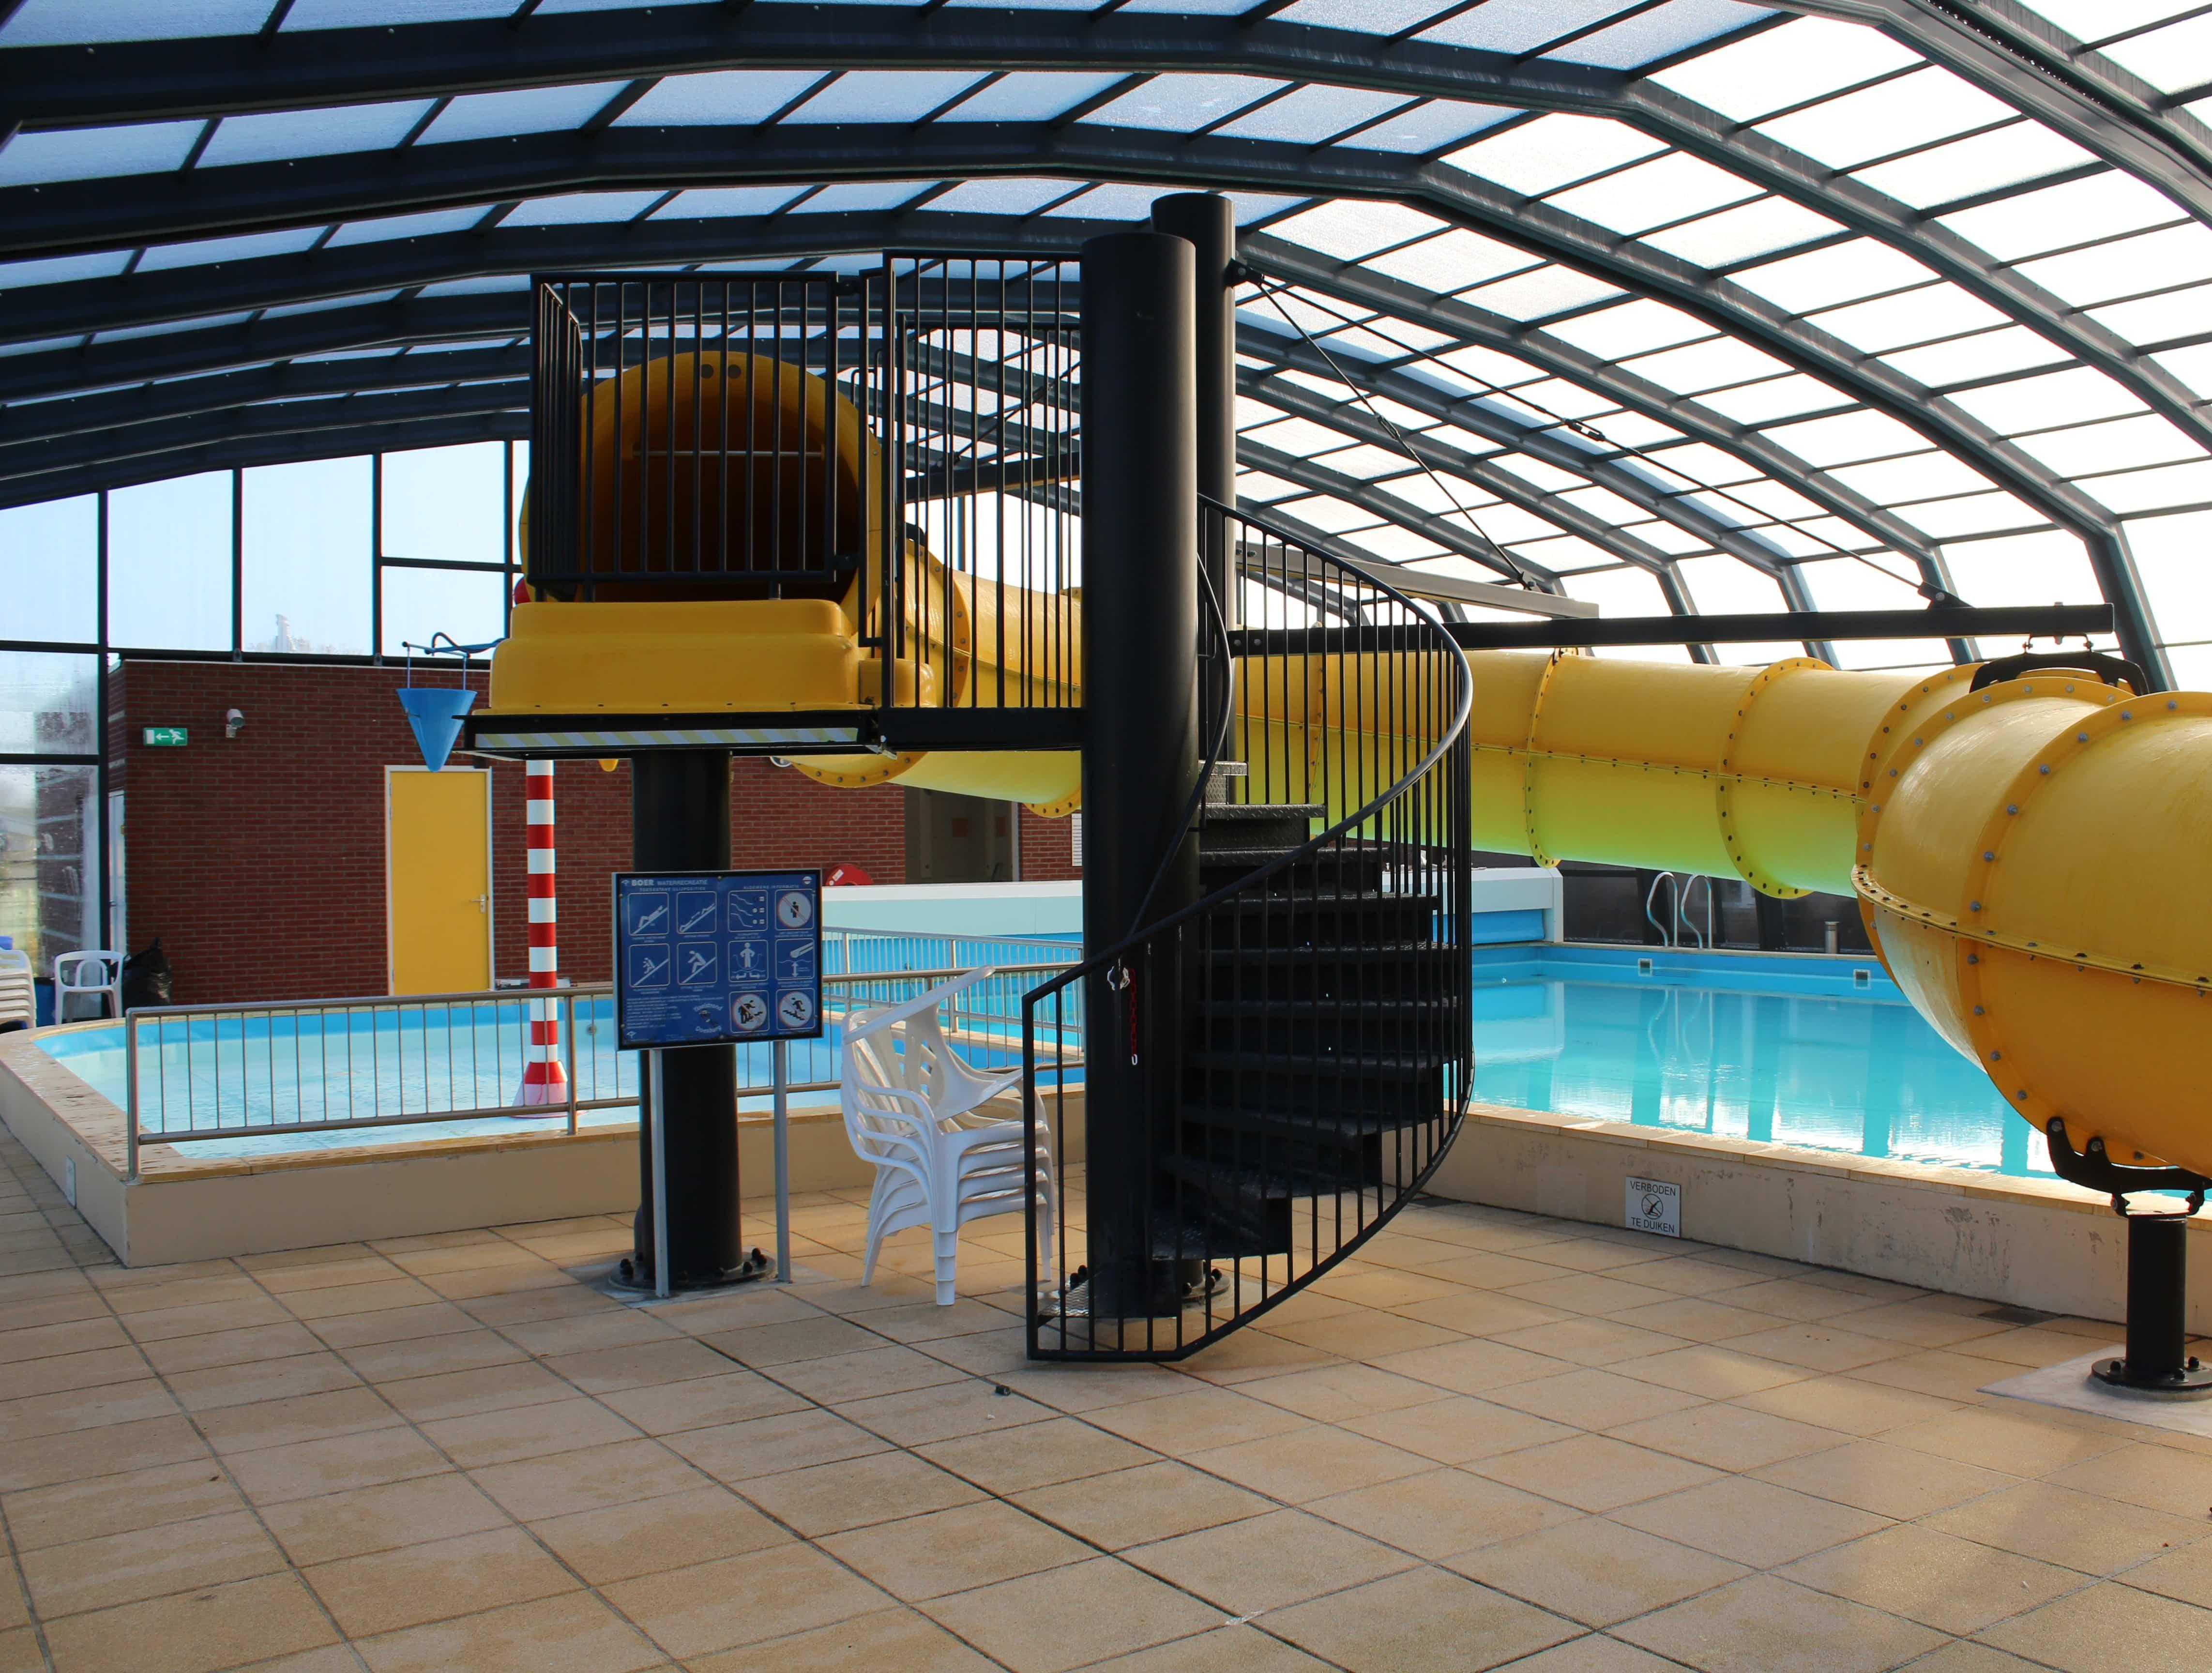 Abri de piscine Collectivités - Doesburg, Pays-Bas